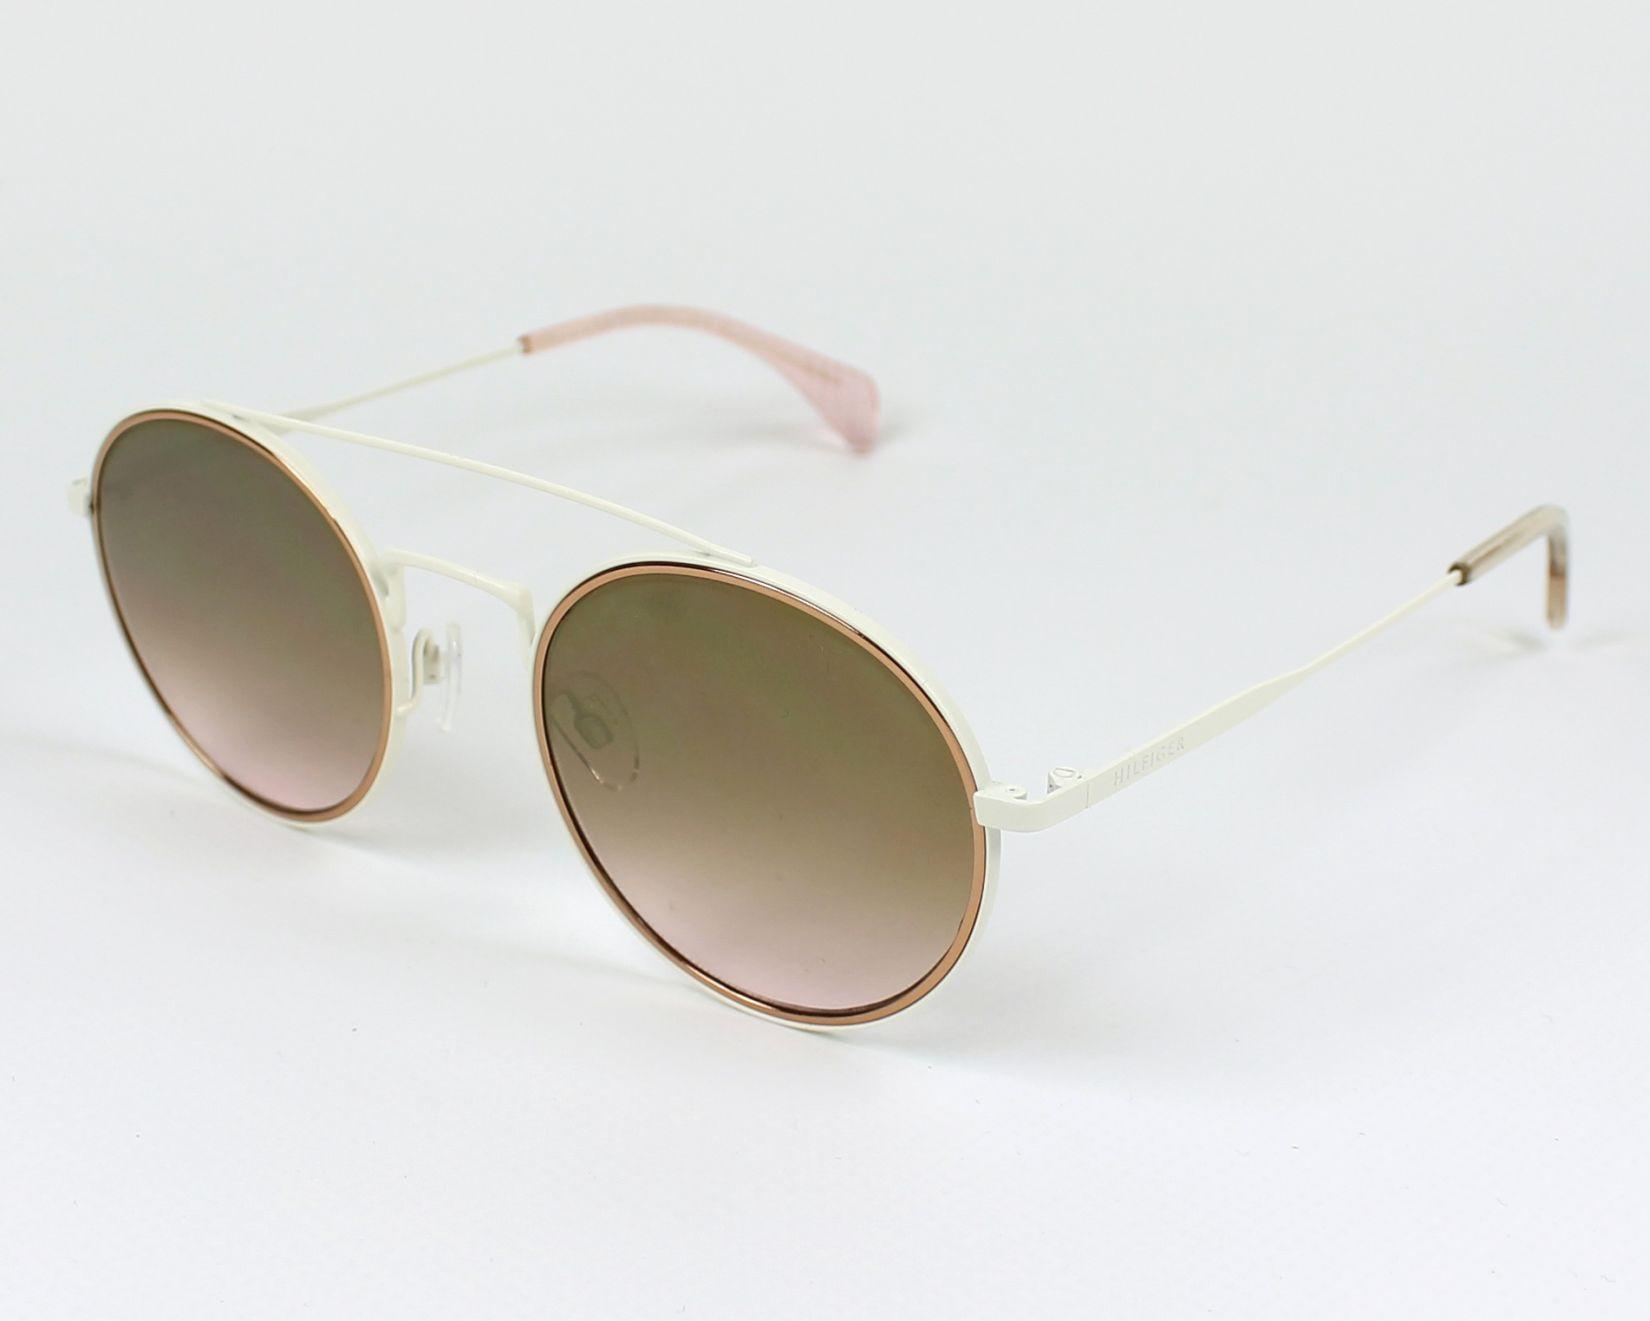 27f1e1bc32c75 Sunglasses Tommy Hilfiger TH-1455-S U1Y JM 53-22 White profile